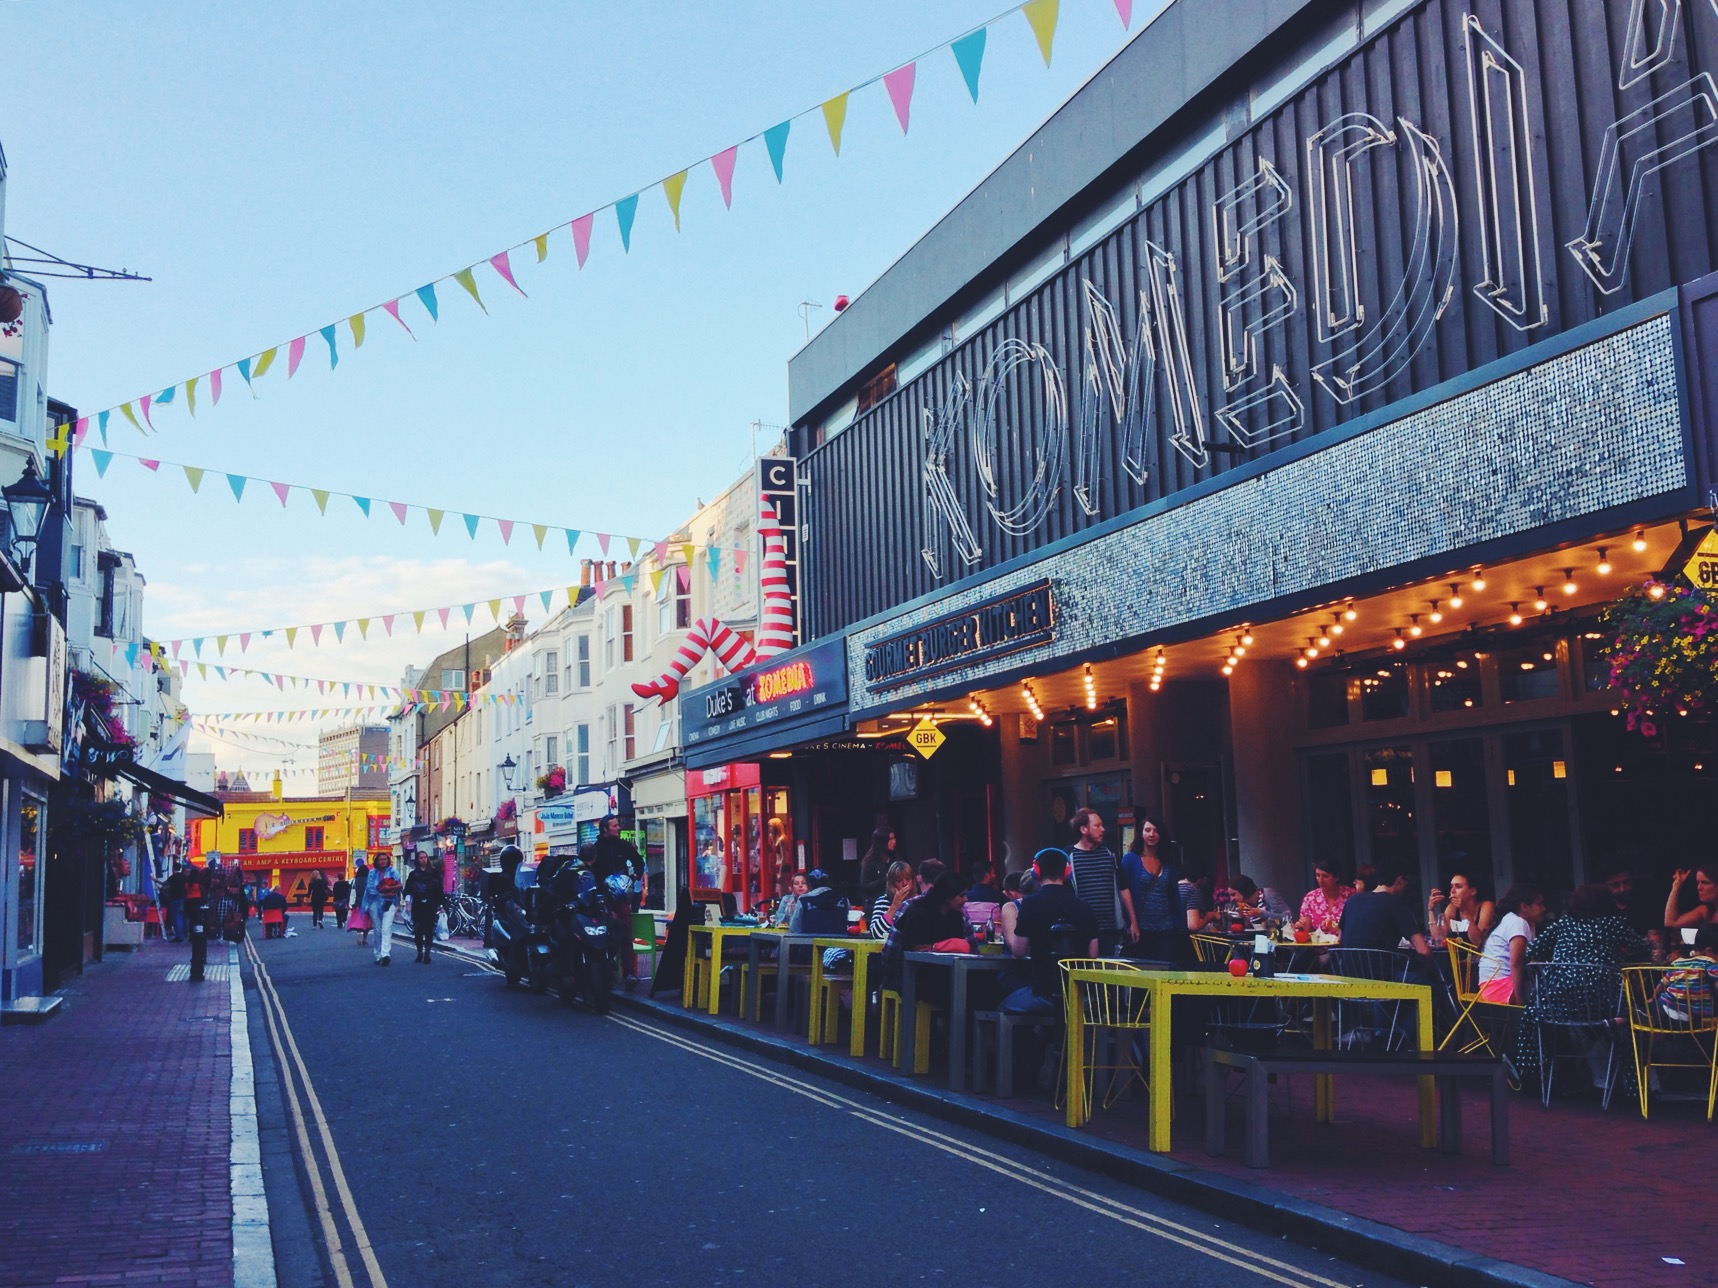 Esplorate le stradine più hipster di Brighton a North Laine